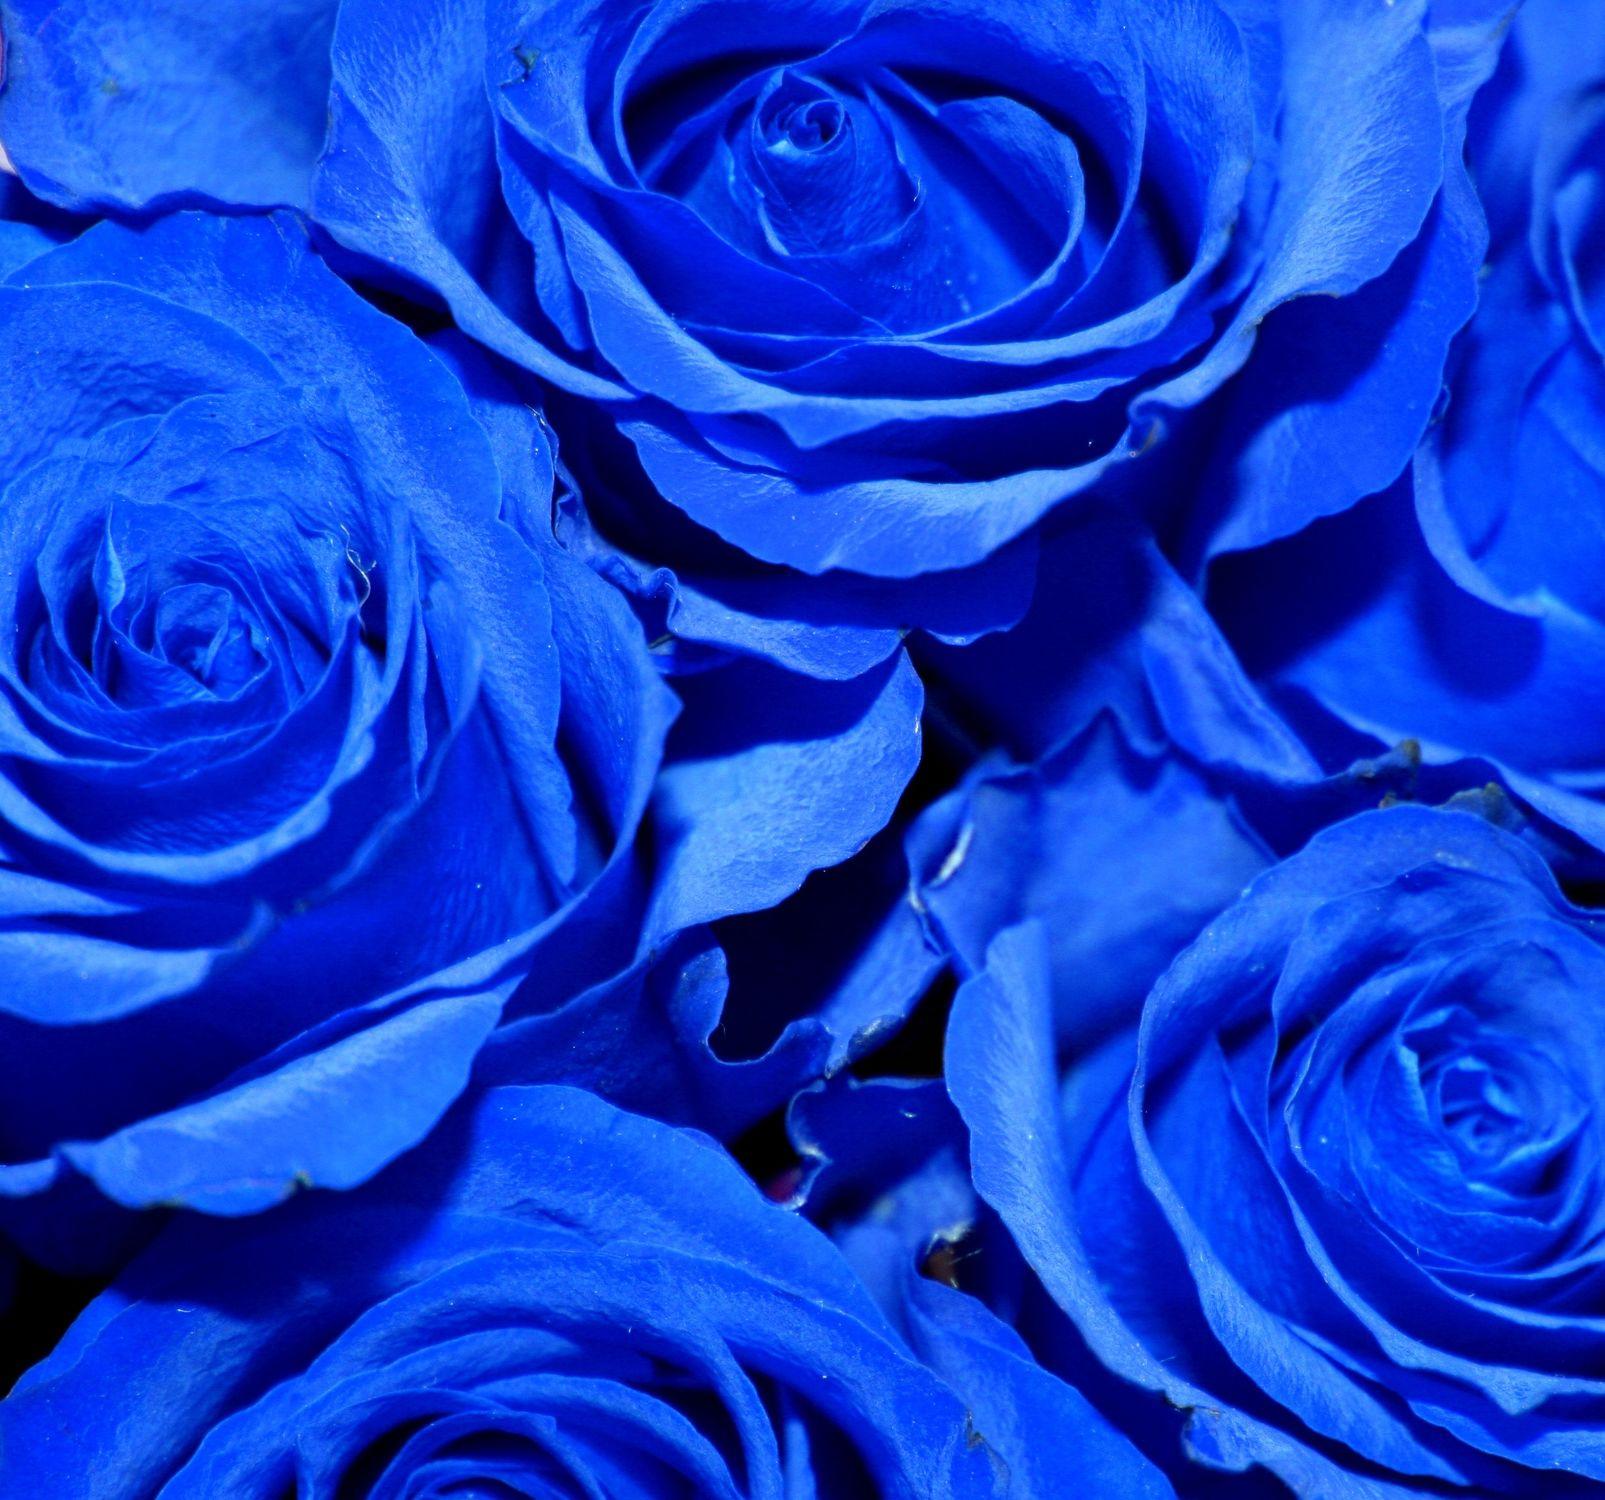 Bild mit Farben, Natur, Pflanzen, Blumen, Blumen, Rosa, Rosen, Blau, Blau, Kobaltblau, Blume, Pflanze, Rose, Roses, Rosenblüte, Flower, Flowers, osaceae, Blumenstrauß, blaue Rose, Blue Rose, Rosenstrauß